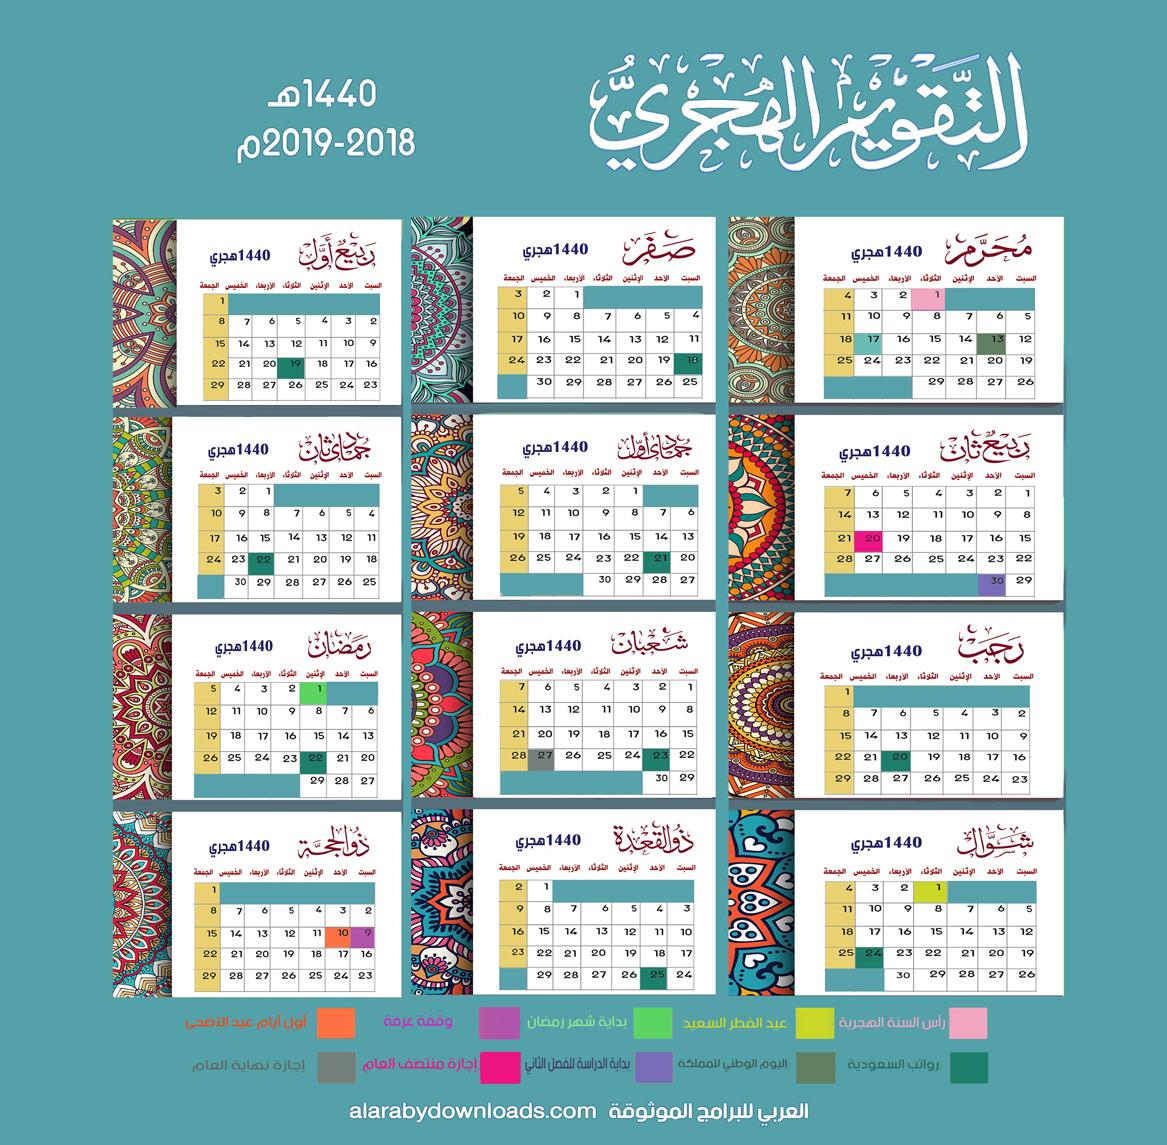 التقويم الهجري لعام 1440 هجري صورة للكمبيوتر 1440 Hijri Calendar - خاص بالسعودية